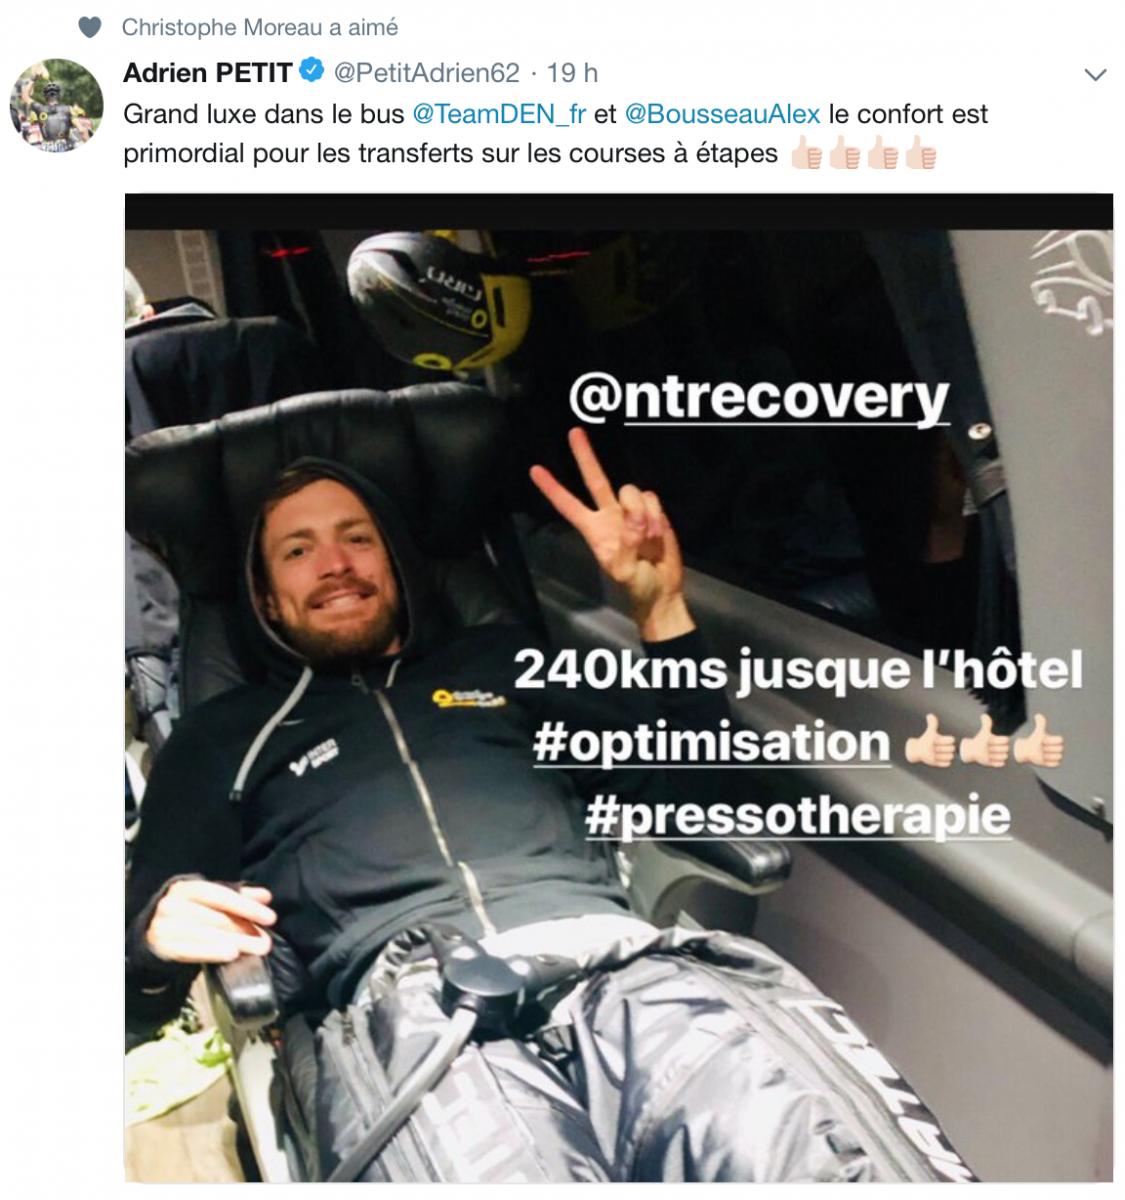 Adrien Petit optimise la récupération